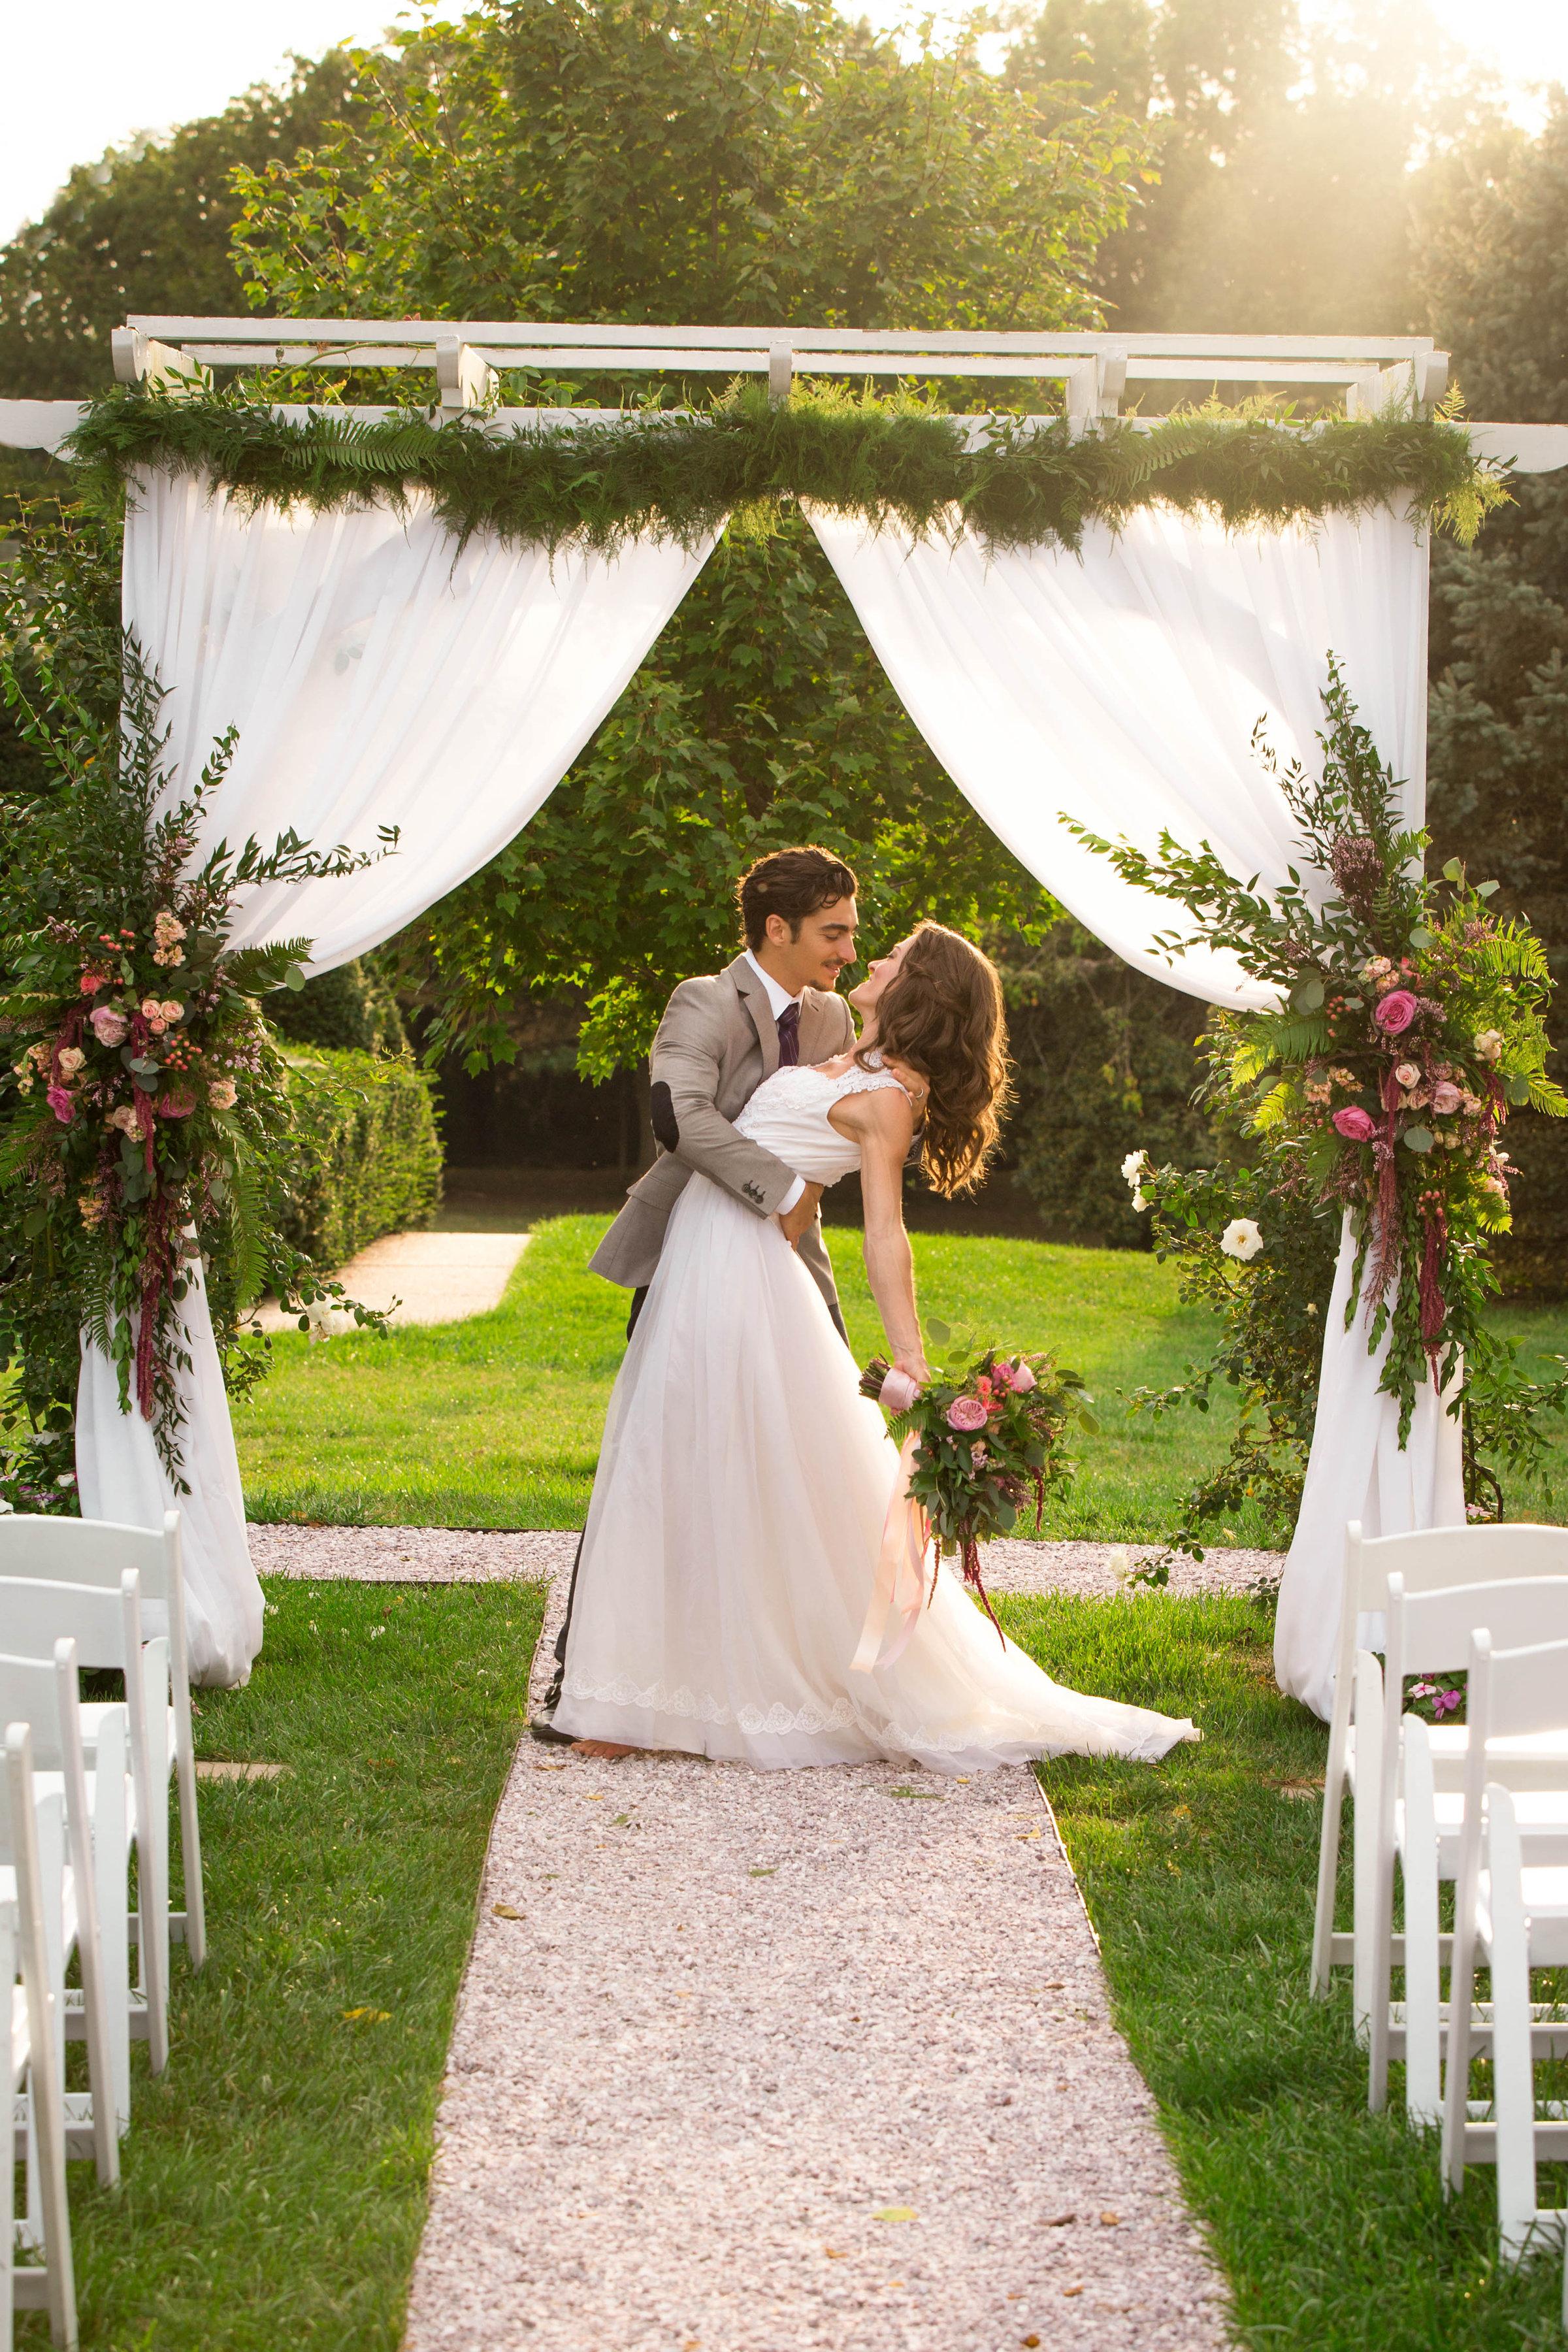 5 Tips For Your Garden Wedding